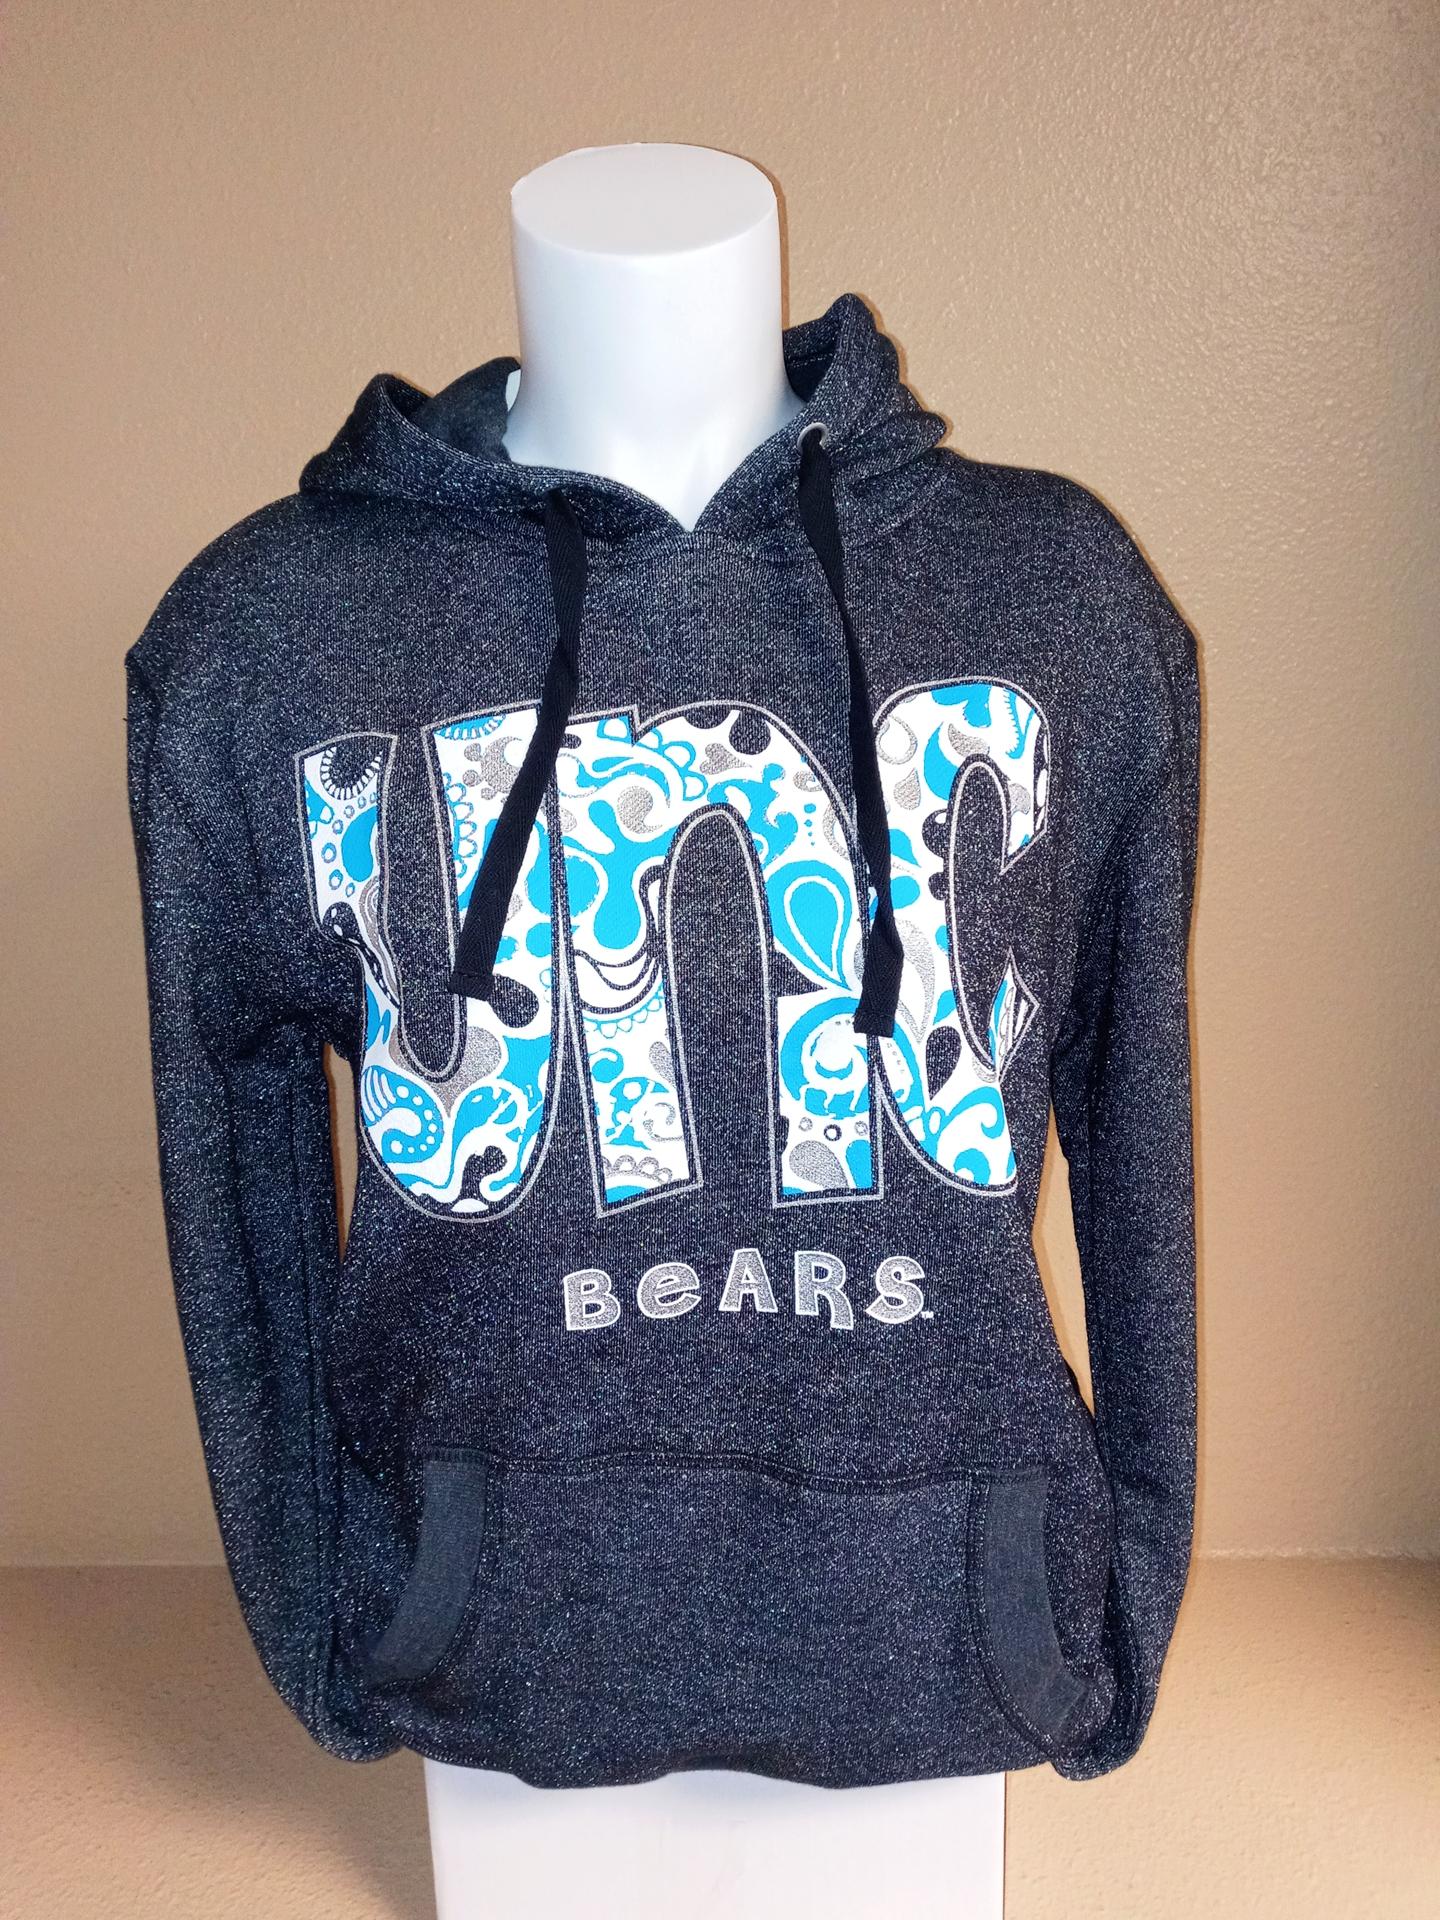 Glitter UNC Bears Sweatshirt